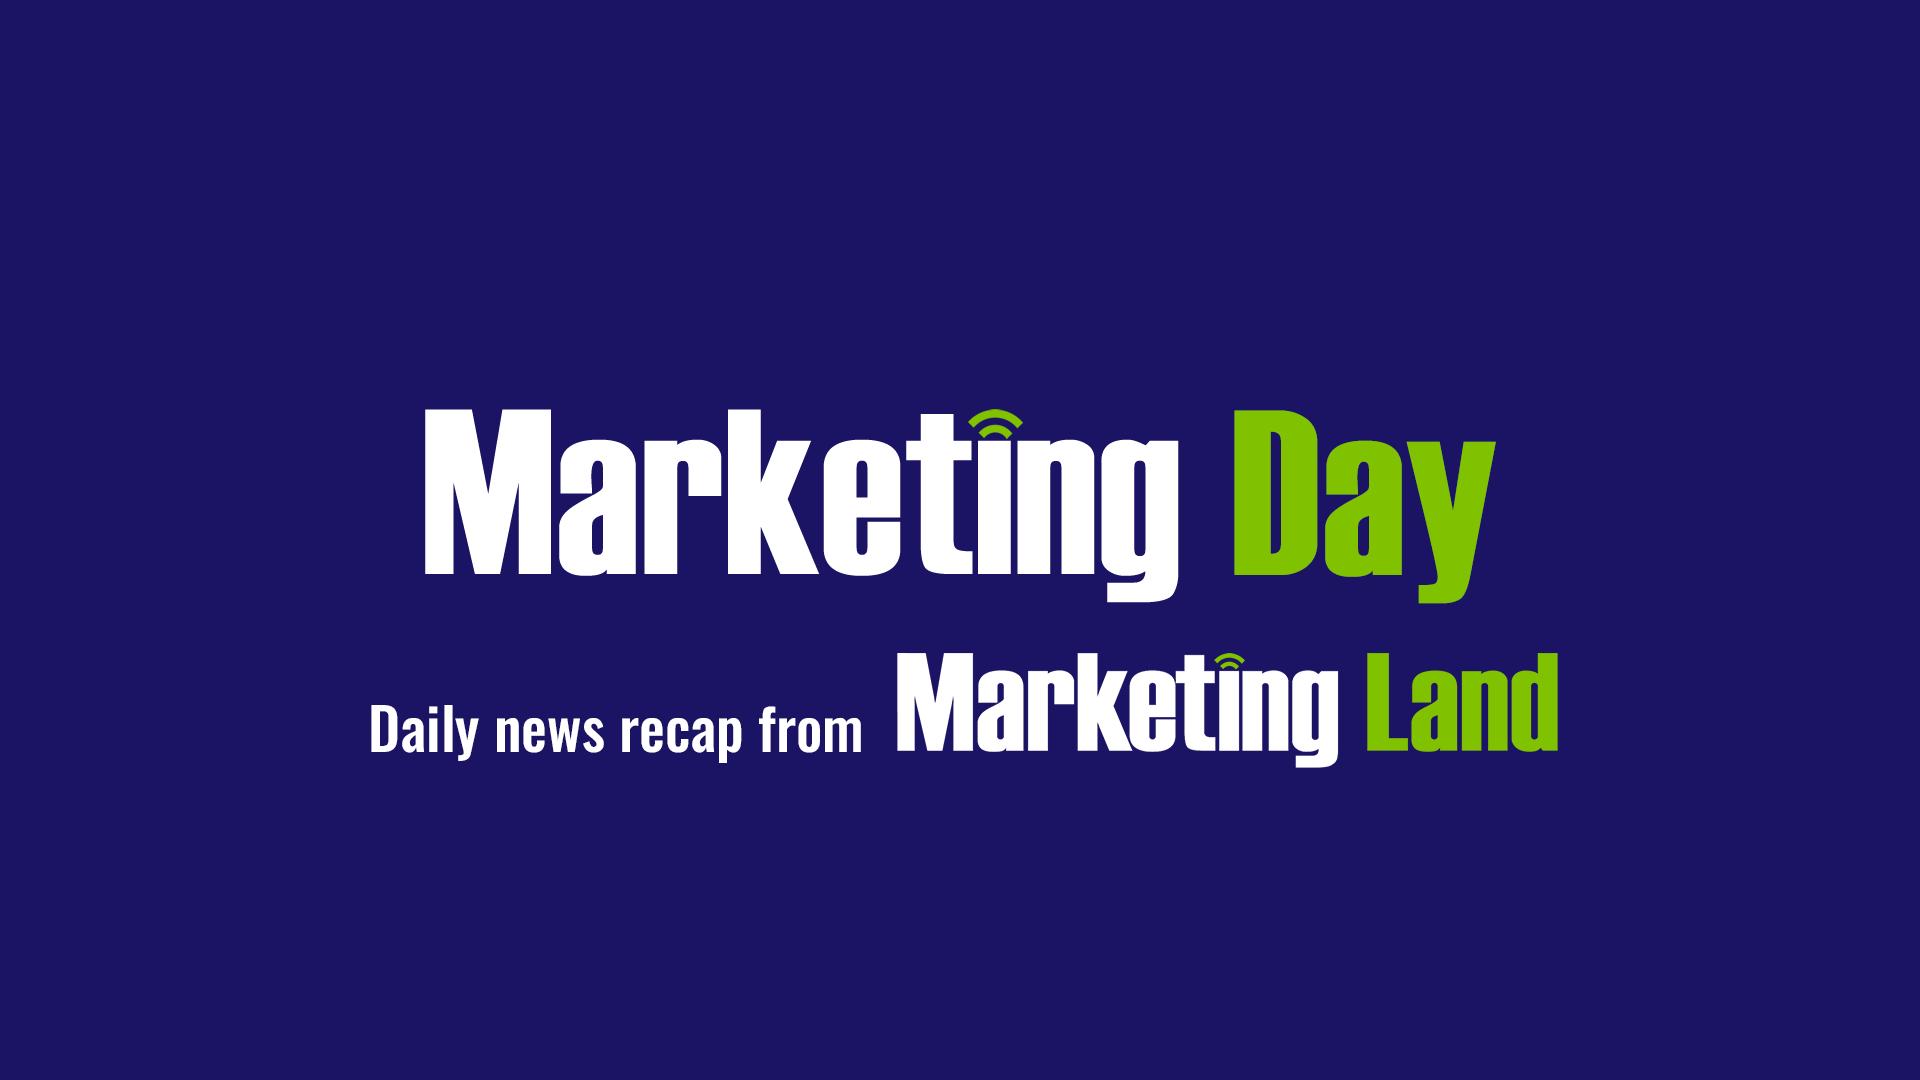 marketing day snapchat to